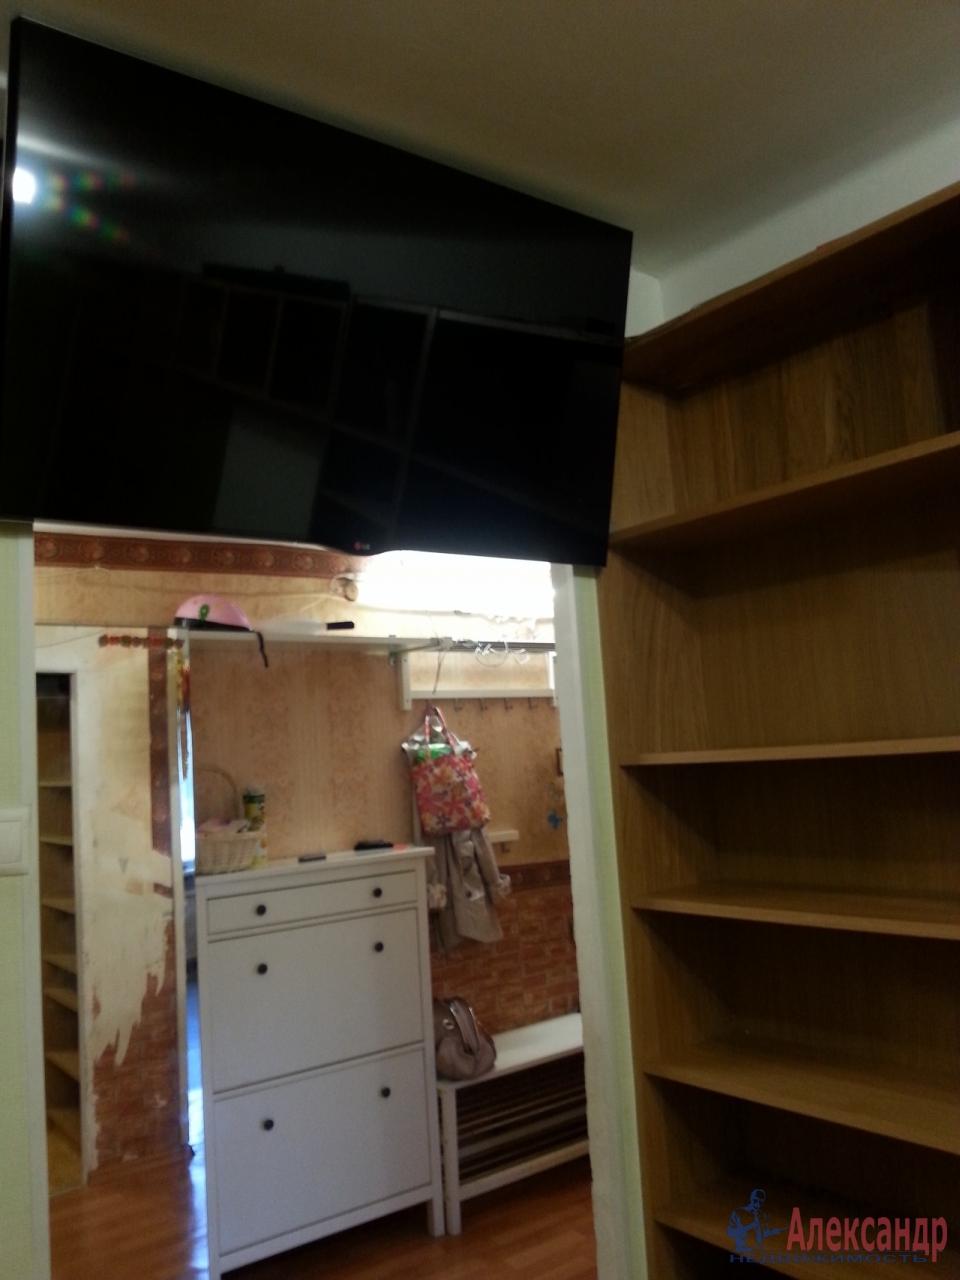 2-комнатная квартира (45м2) в аренду по адресу Есенина ул., 22— фото 1 из 1